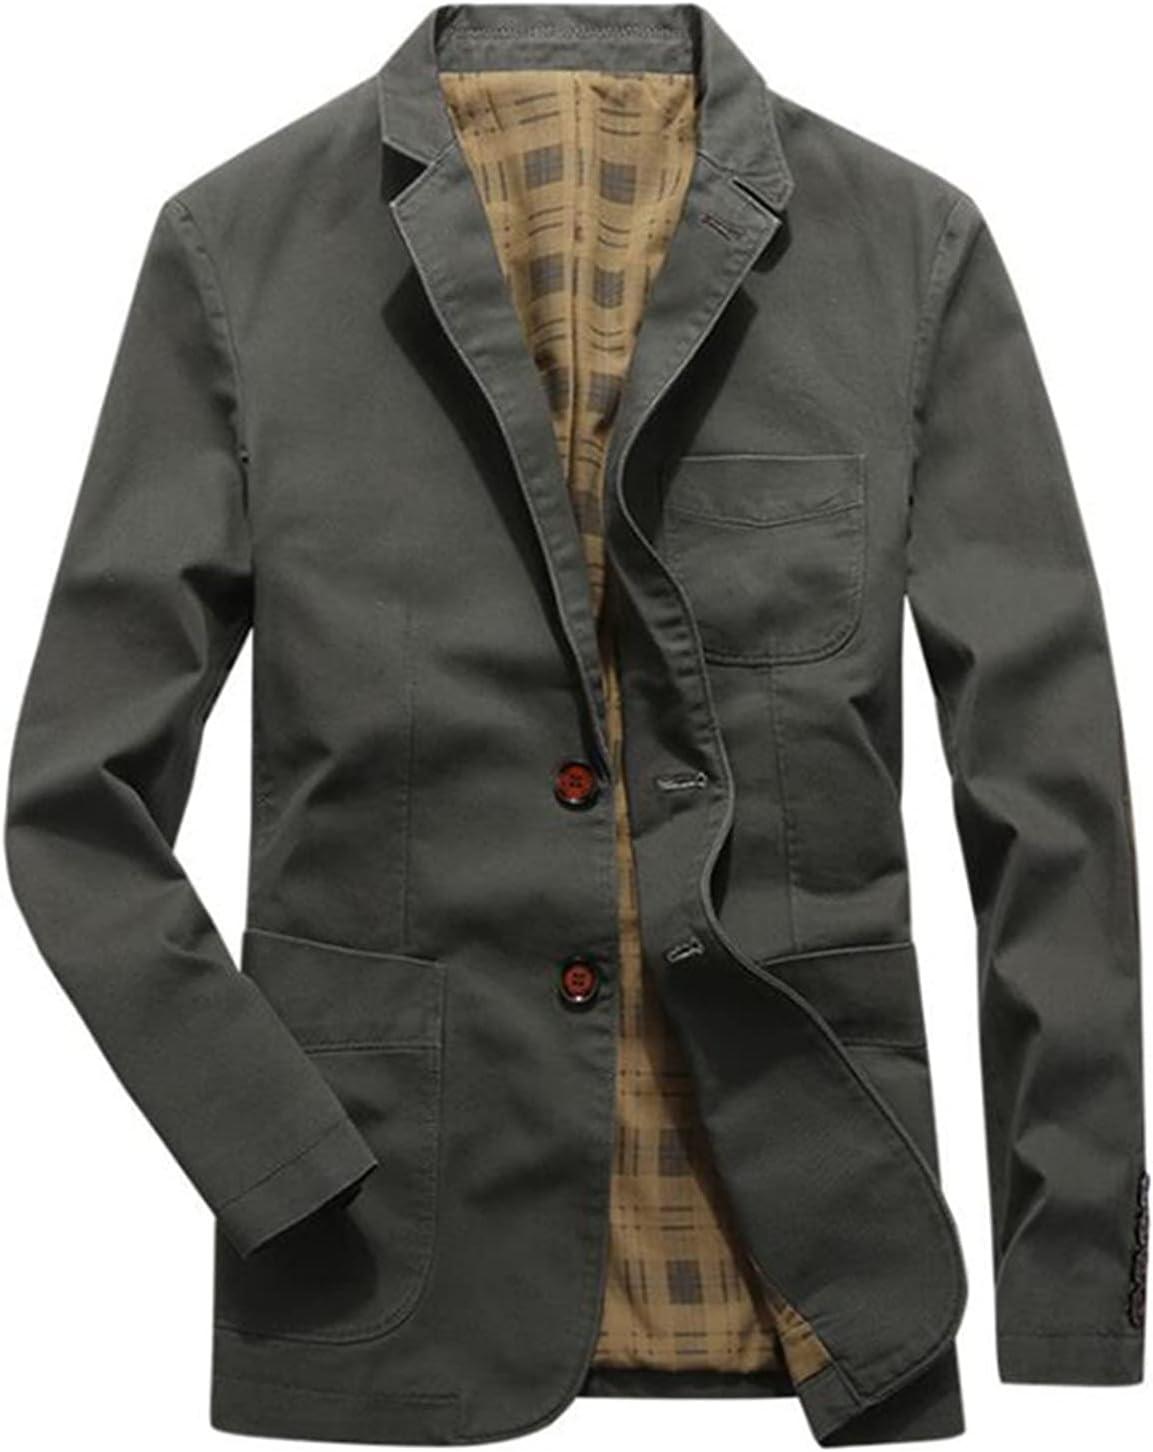 Blazer de estilo retro de la solapa de la muesca de los hombres, el ajuste casual delgado traje de la manga algodón 2-botón de blazer, chaqueta de blazer de solapa ligero delgado abrigo deportivo